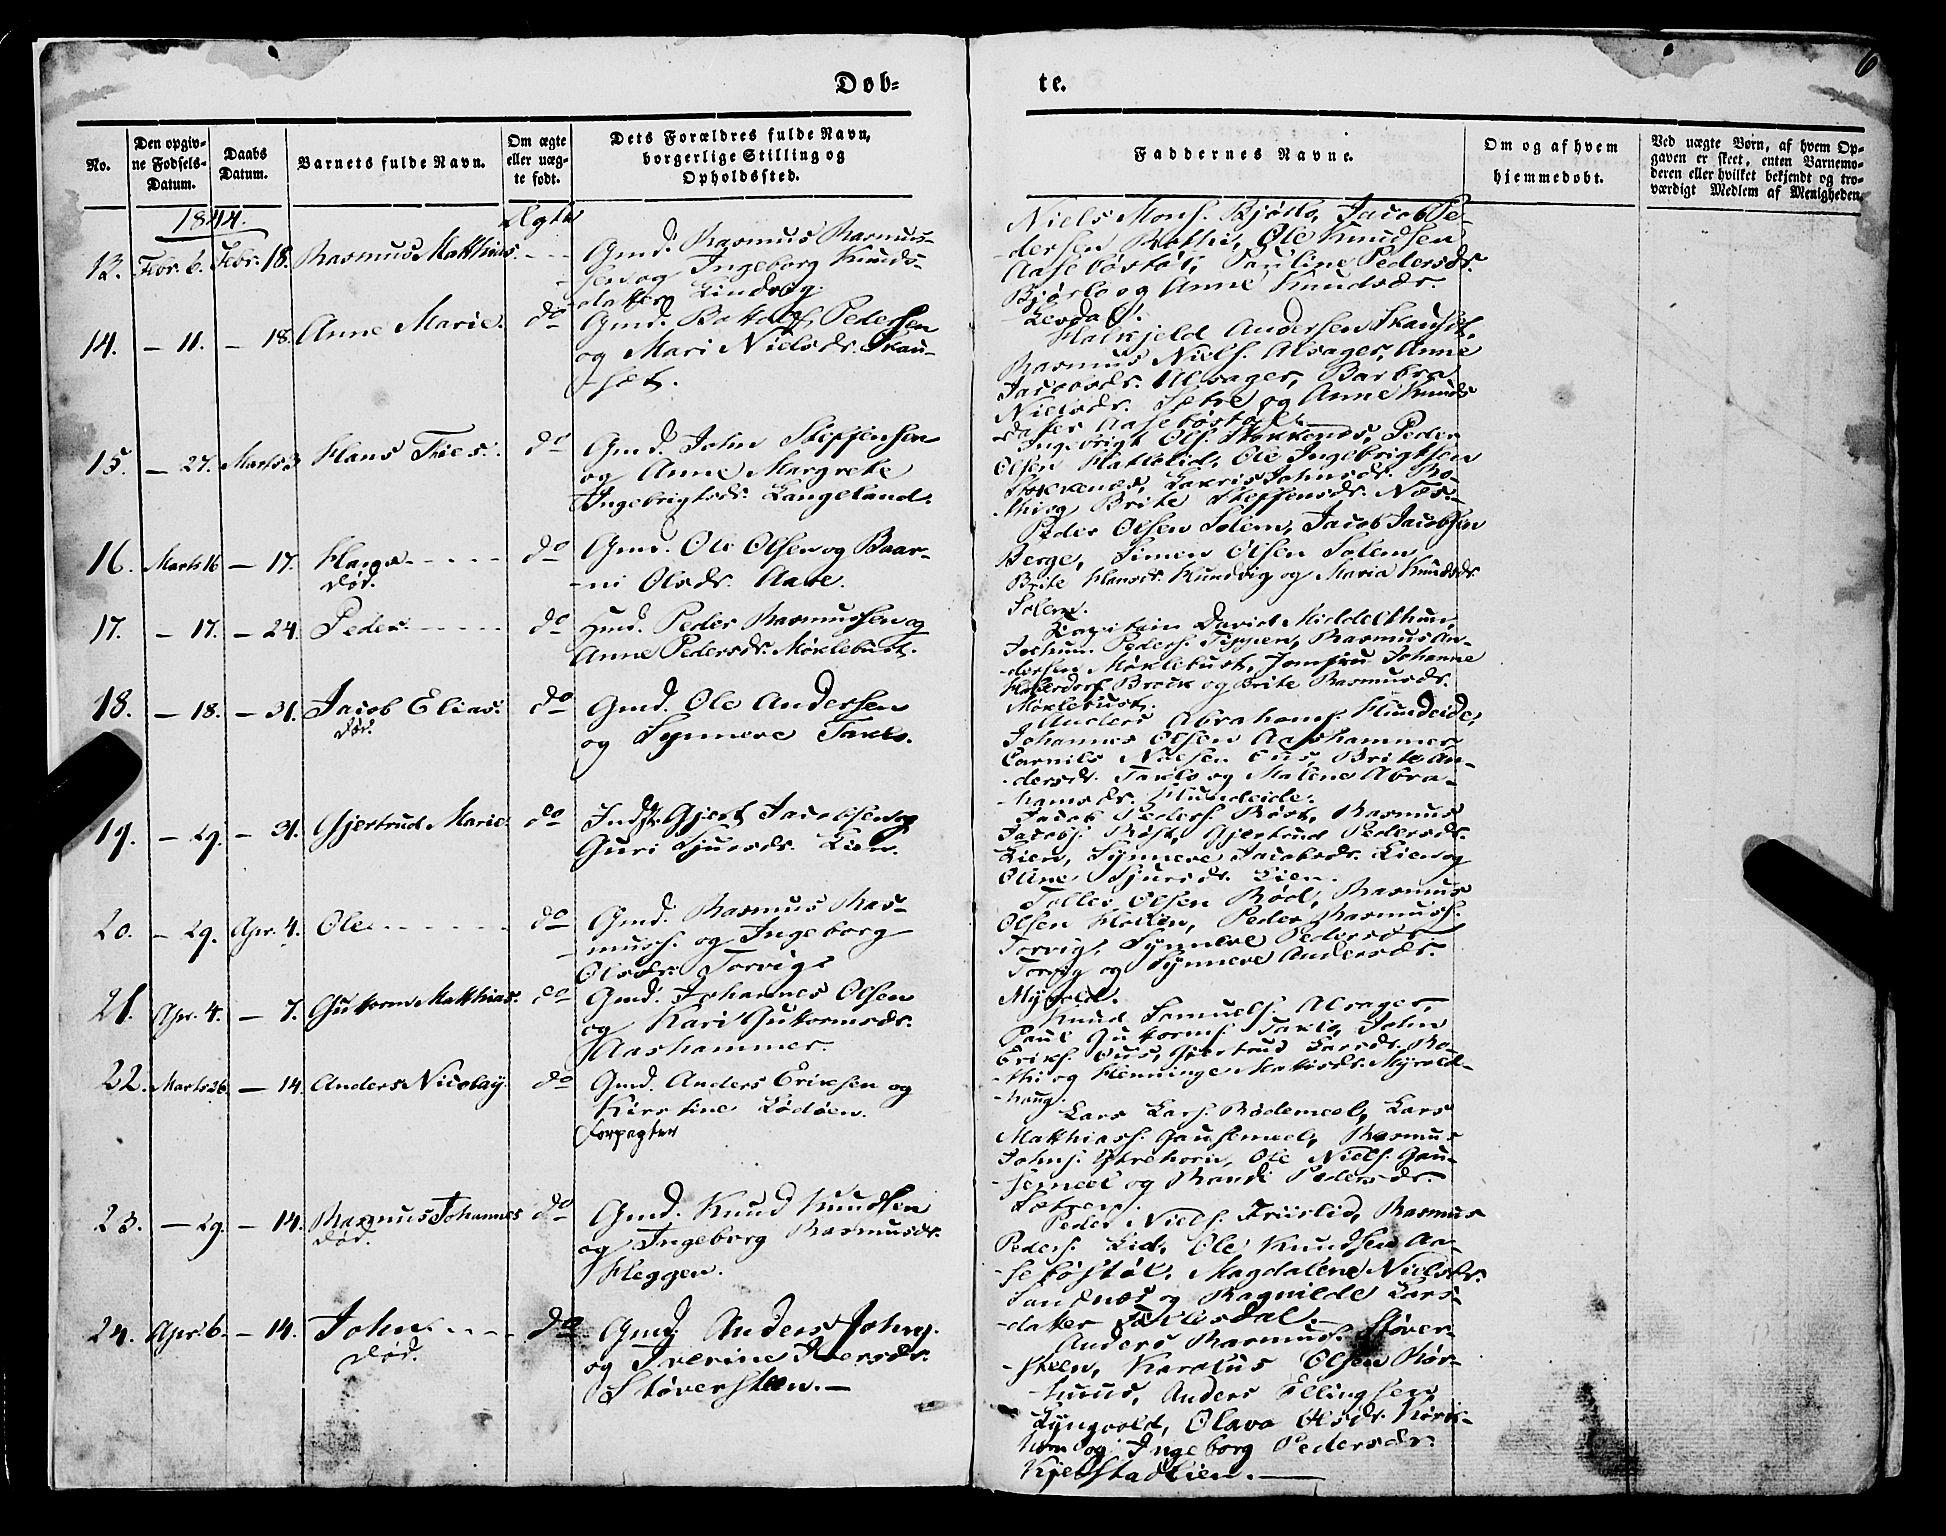 SAB, Eid sokneprestembete, H/Haa/Haaa/L0007: Ministerialbok nr. A 7, 1844-1858, s. 6